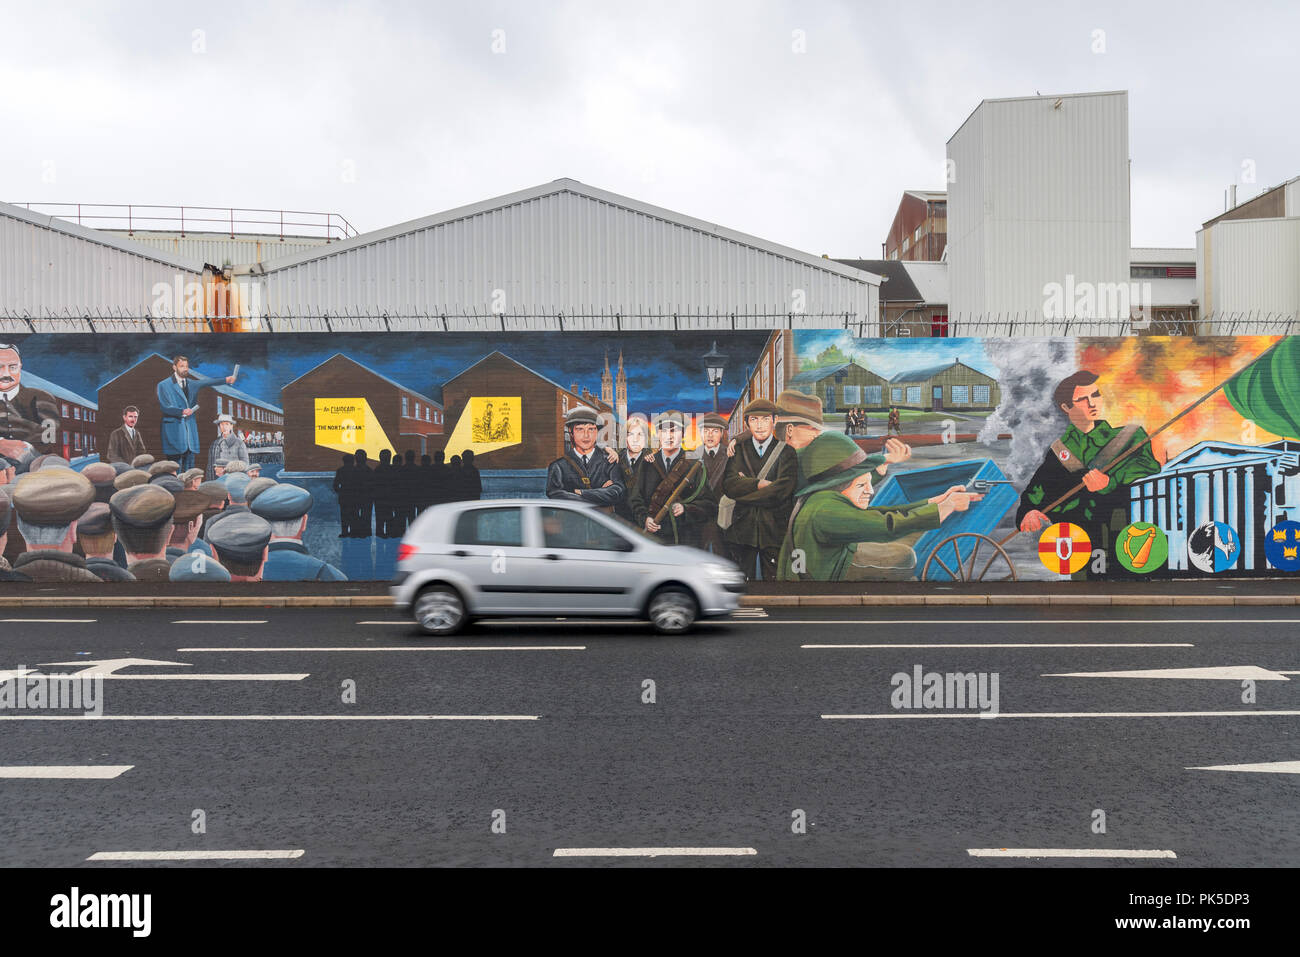 Political murals in Belfast, Northern Ireland - Stock Image